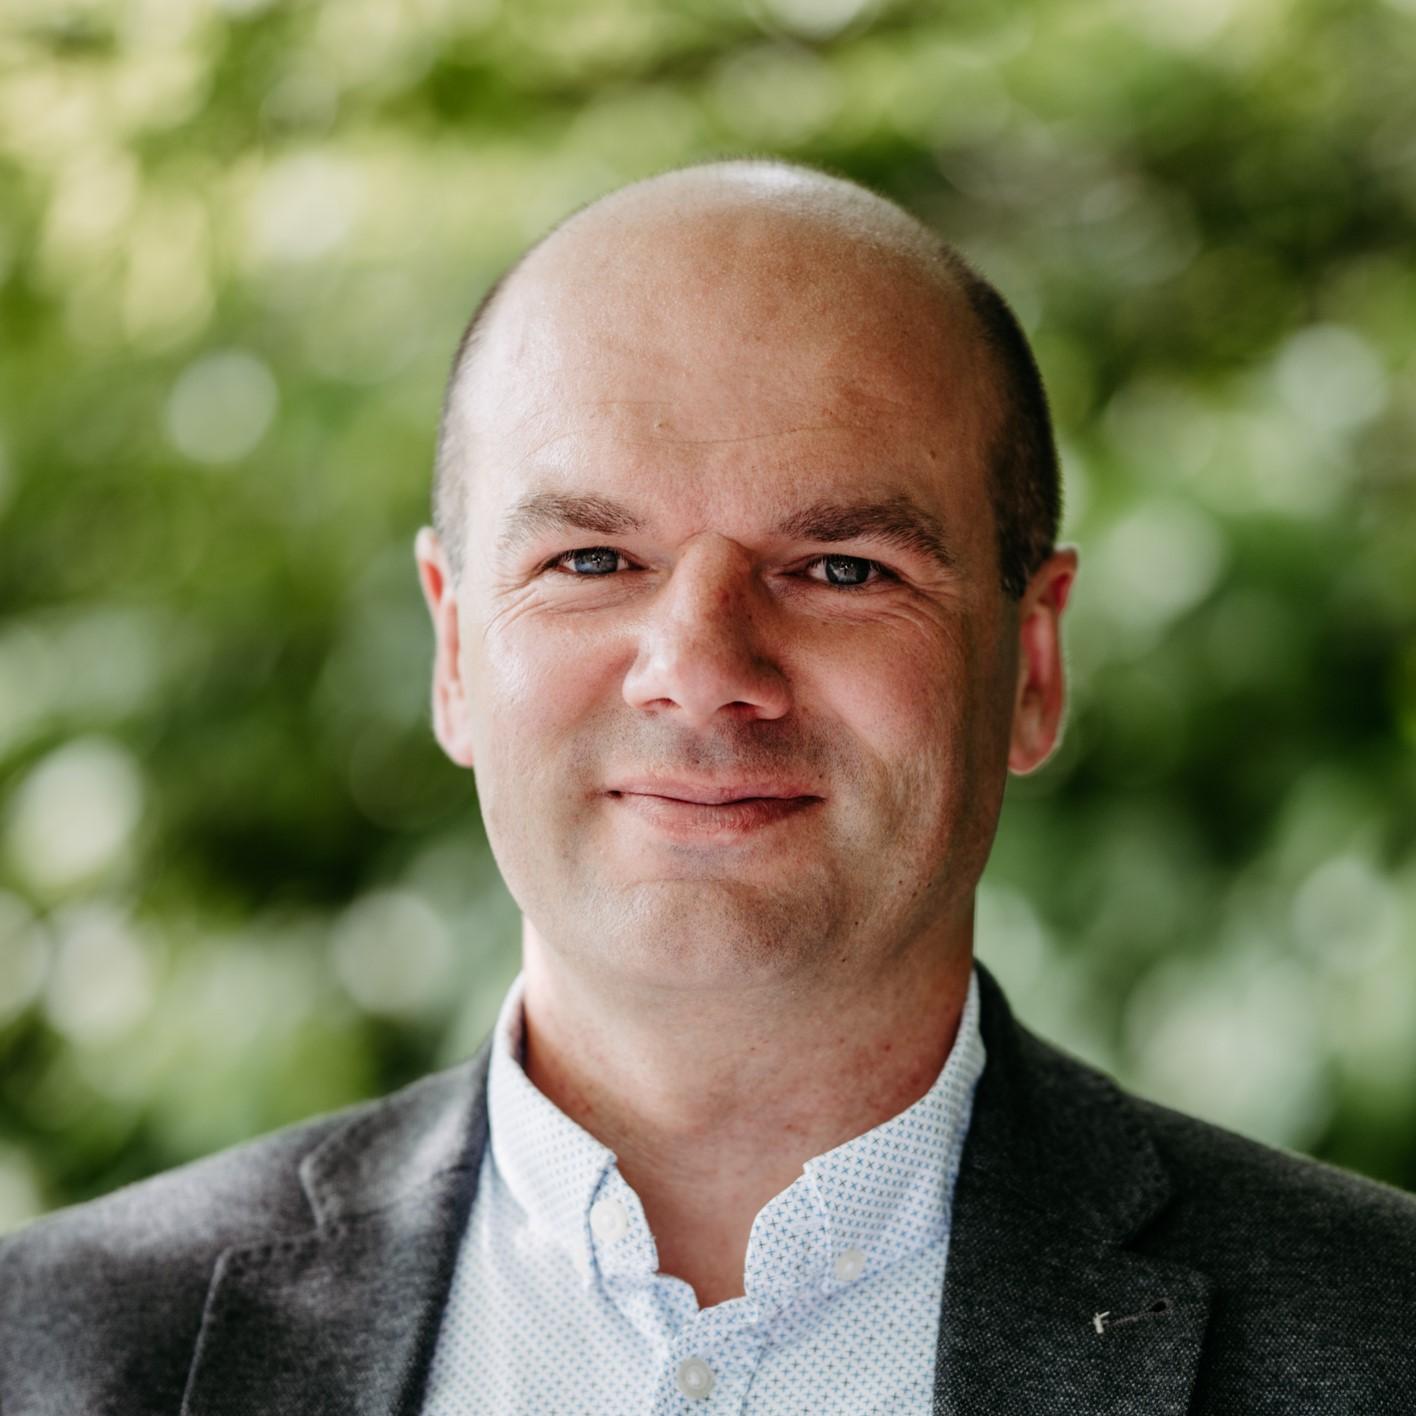 Stefan Spieler